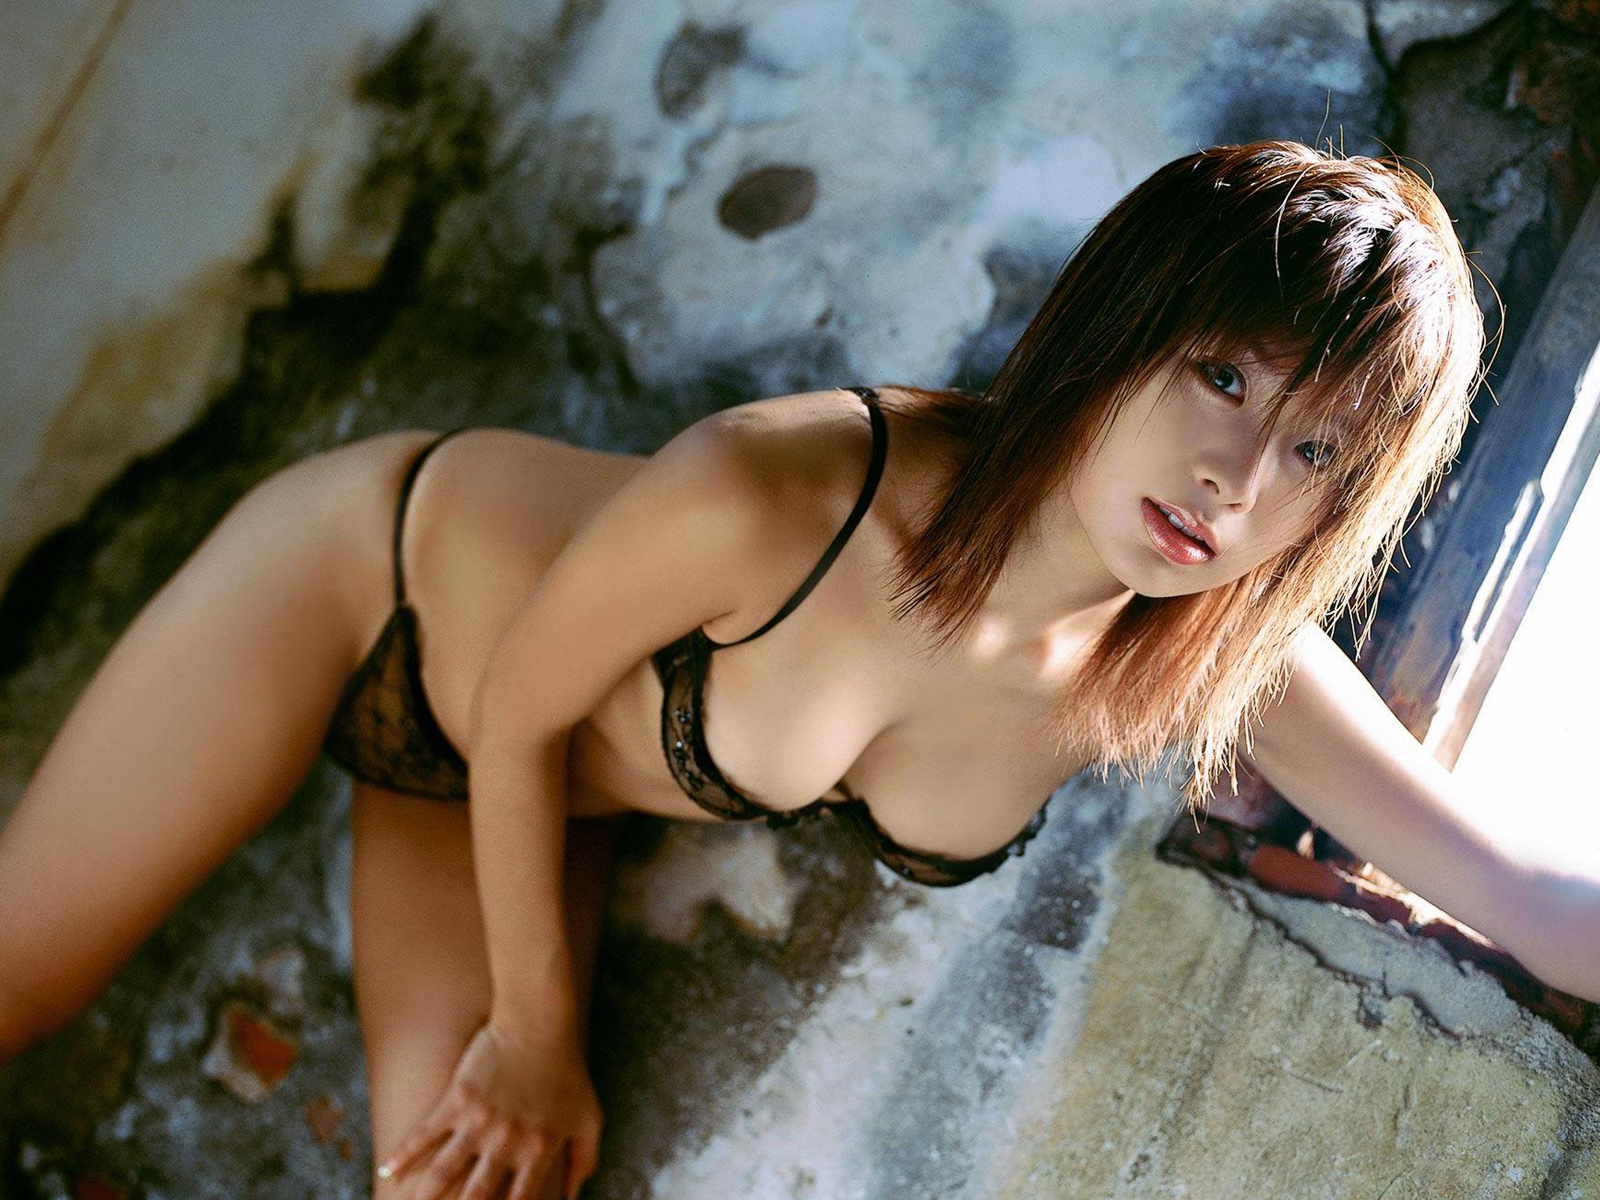 Самые красивые голые японские девушки, Голые японки - сексуальные японочки и грудастые 4 фотография